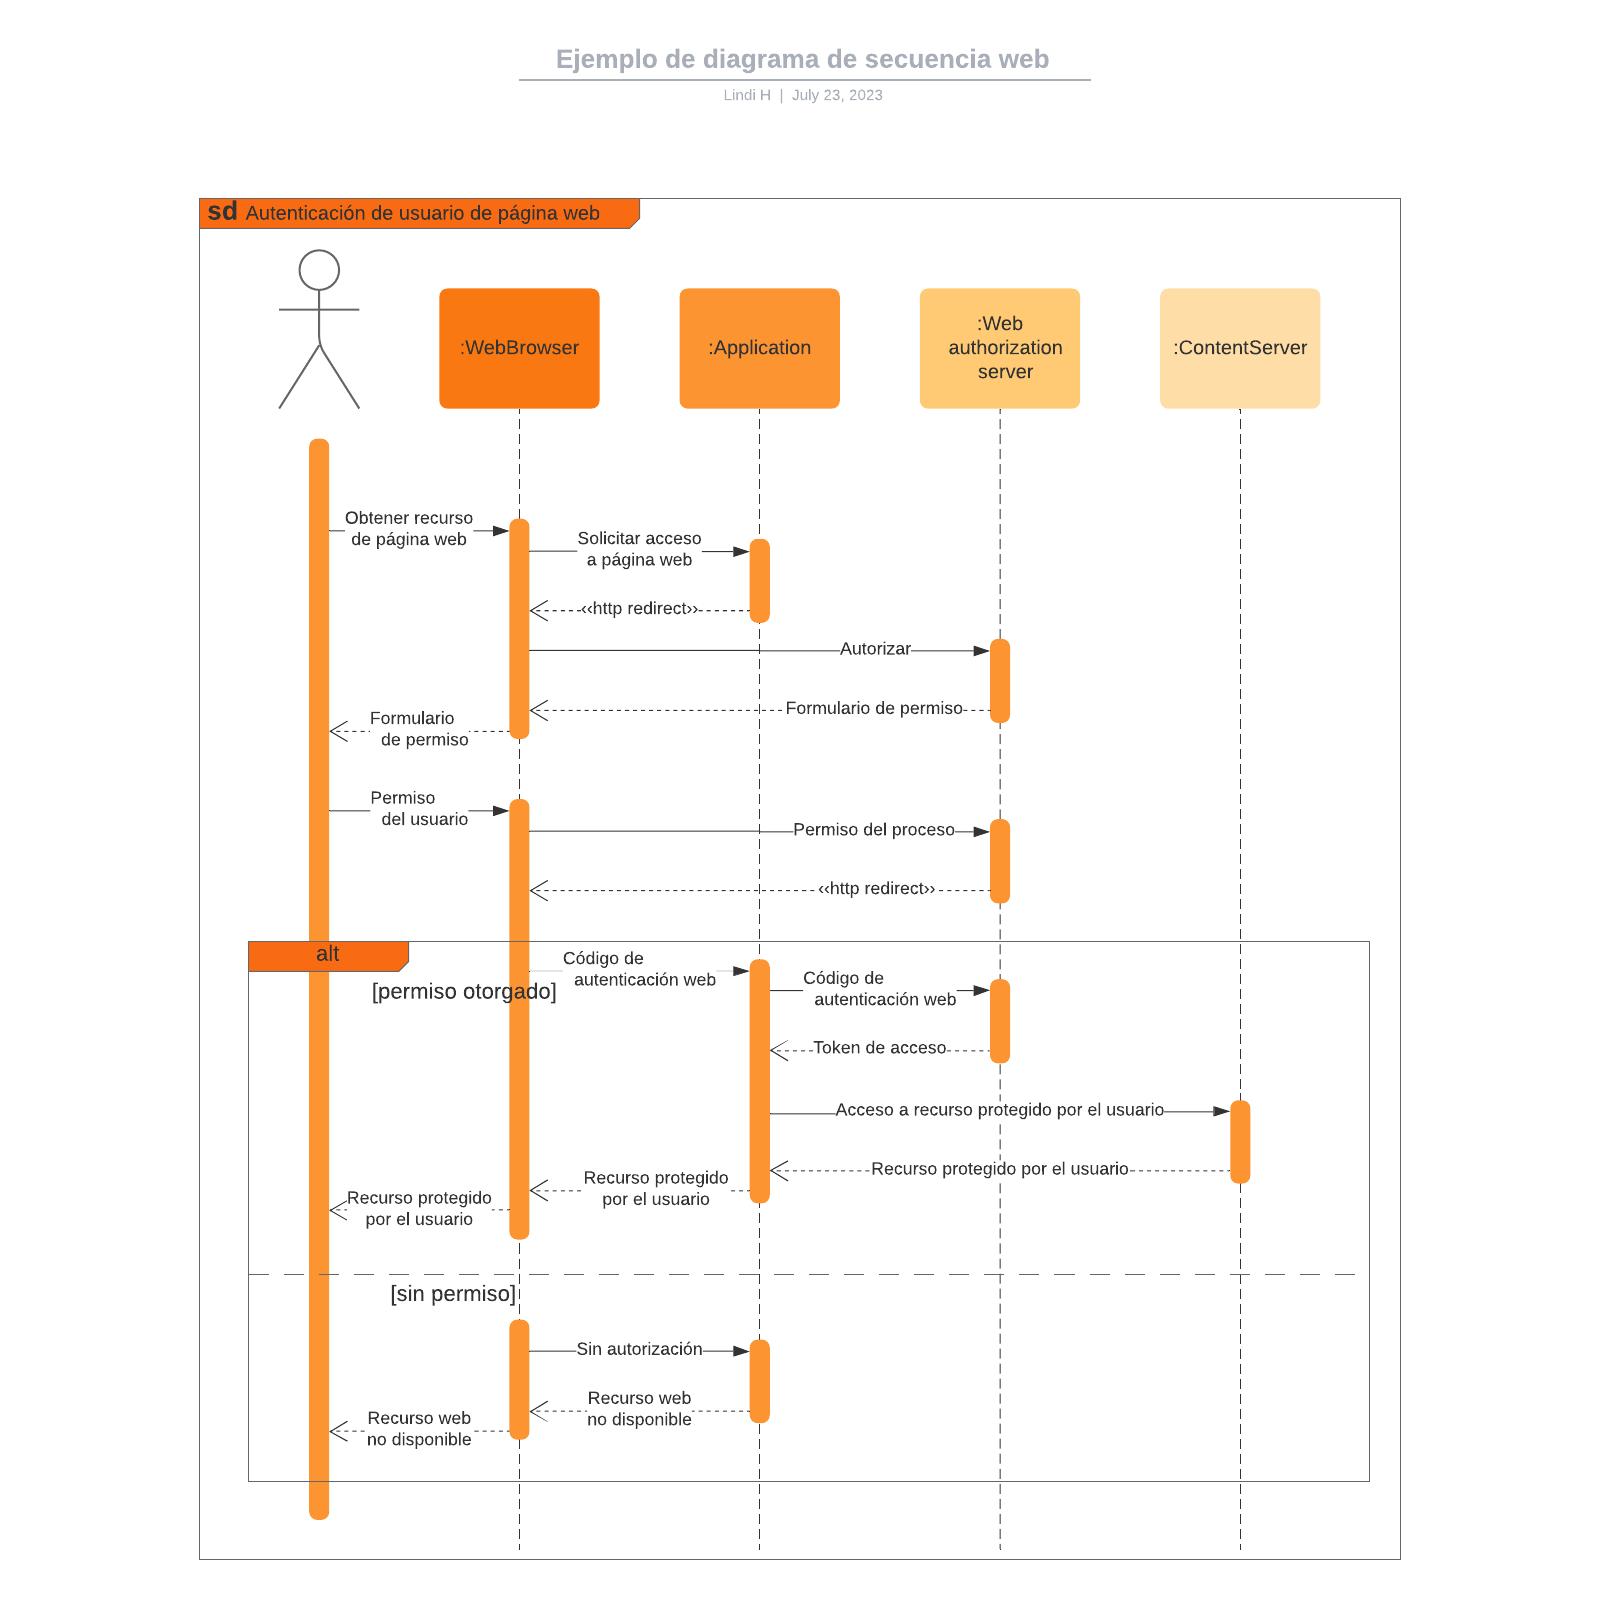 Ejemplo de diagrama de secuencia web